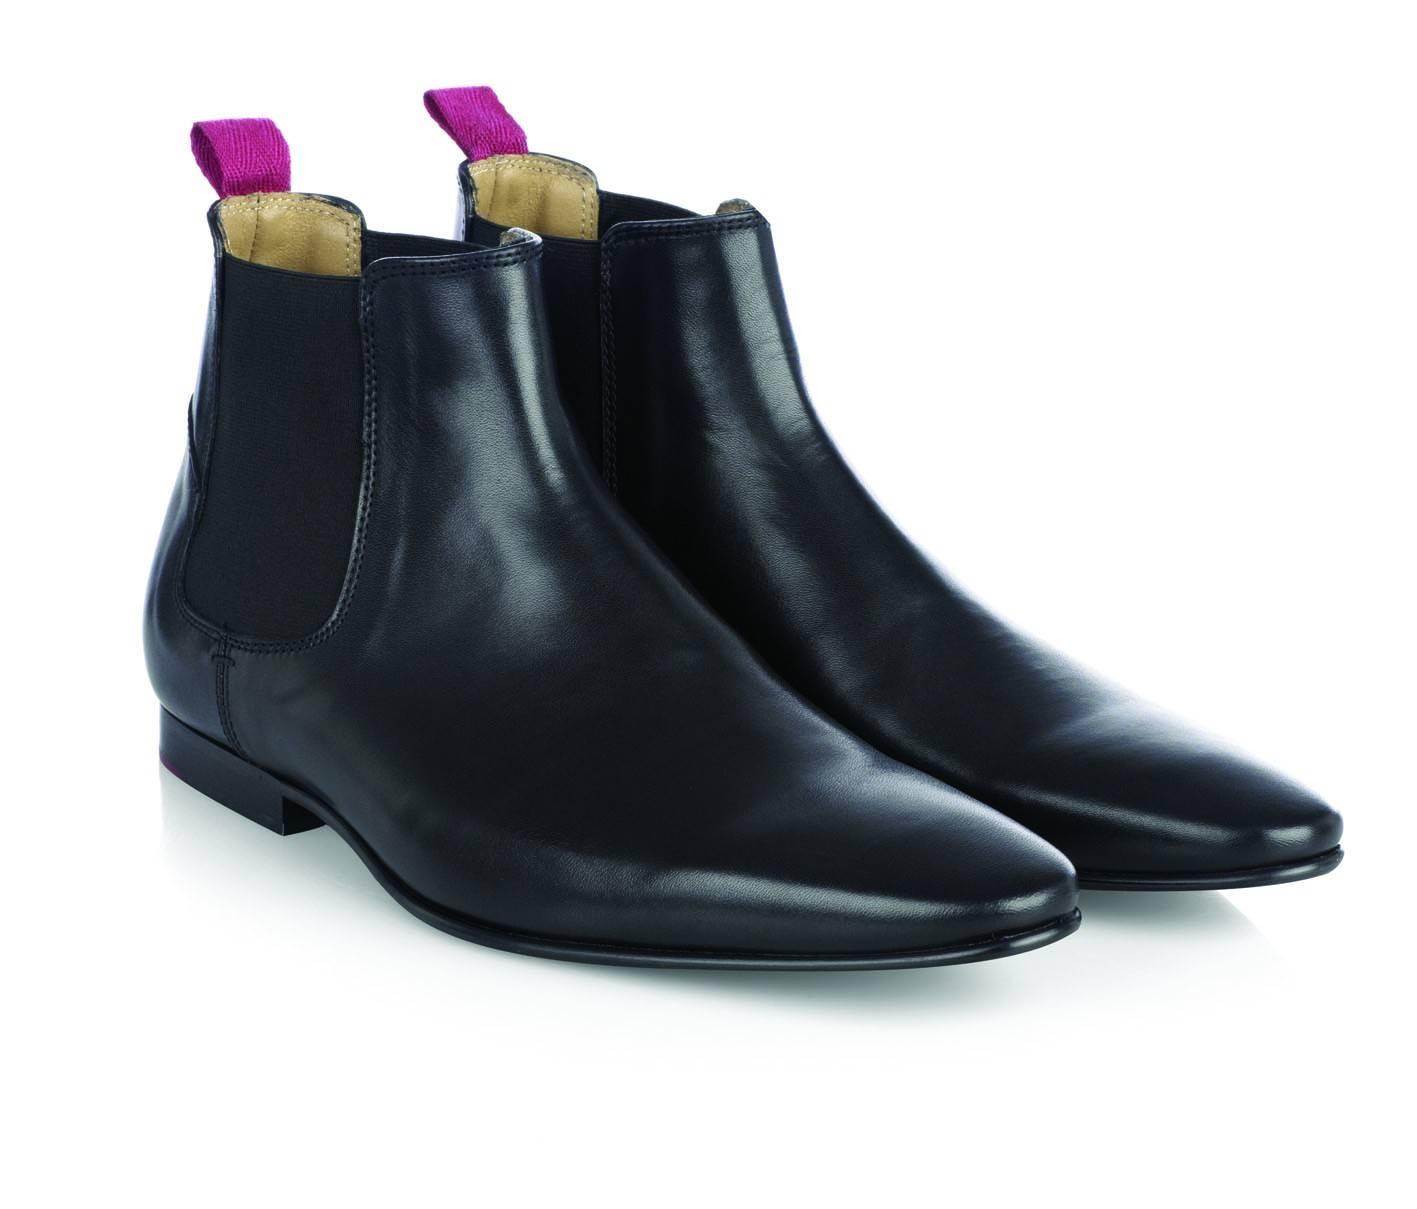 Обувь Челси KensingtonОбувь<br>Аутентичная рок-н-рольная модель кожаных мужских полусапог Челси. Родом из золотой музыкальной эпохи Свингующих Шестидесятых, эти ботинки пользовались популярностью у многих звезд британской мод-сцены. Мягкая, высококачественная кожа, невысокий каблук, плавный изгиб заостренного мыска и эластичная трикотажная вставка по бокам обеспечивают удобную, облегающую посадку на ноге и придают этой утонченной модели неповторимый шарм ретро стиля. Данную обувь можно надевать на торжественные мероприятия вместе с классической белой рубашкой, бабочкой, зауженными брюками Sta-Prest и прилегающим пиджаком. В то же время они уместно сочетаются и в рамках кэжуального образа с классическим трикотажем, клетчатой сорочкой и Харрингтоном.<br><br>Артикул: 913209<br>Материал: 100% кожа<br>Цвет: черный<br>Пол: Мужской